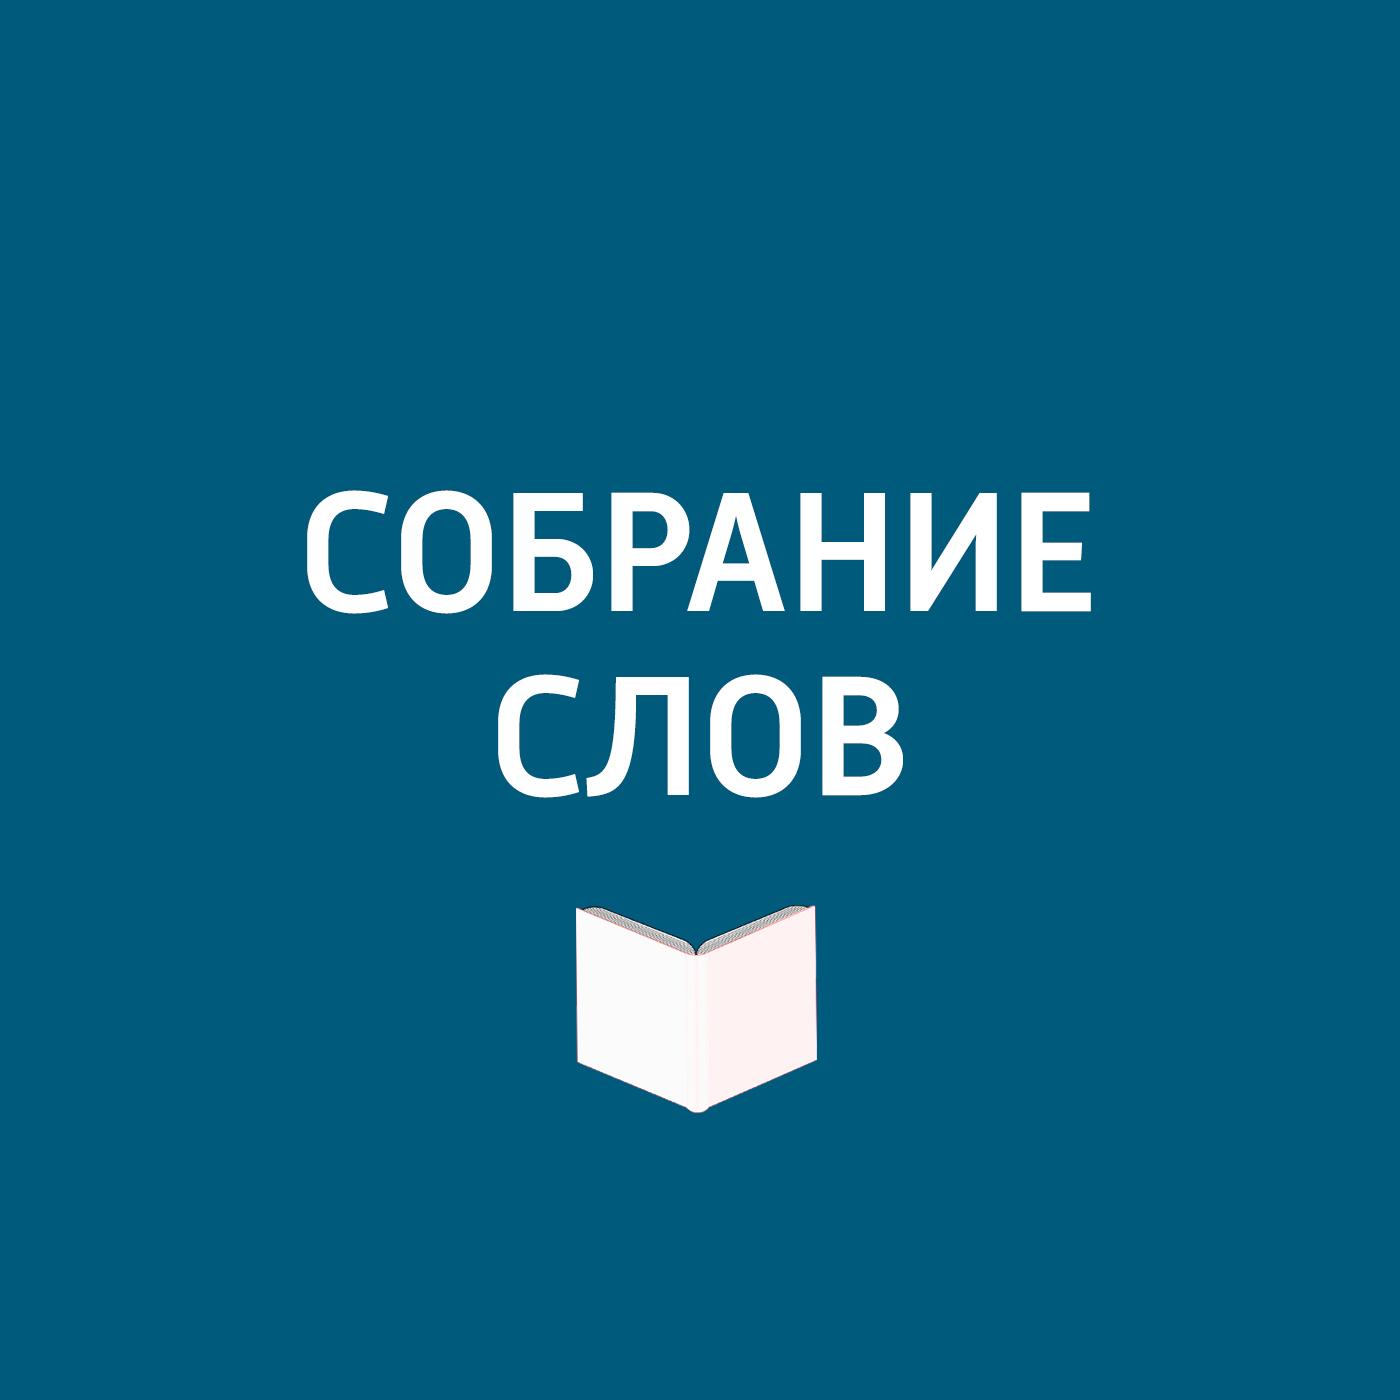 Творческий коллектив программы «Собрание слов» Большое интервью Николая Табашникова